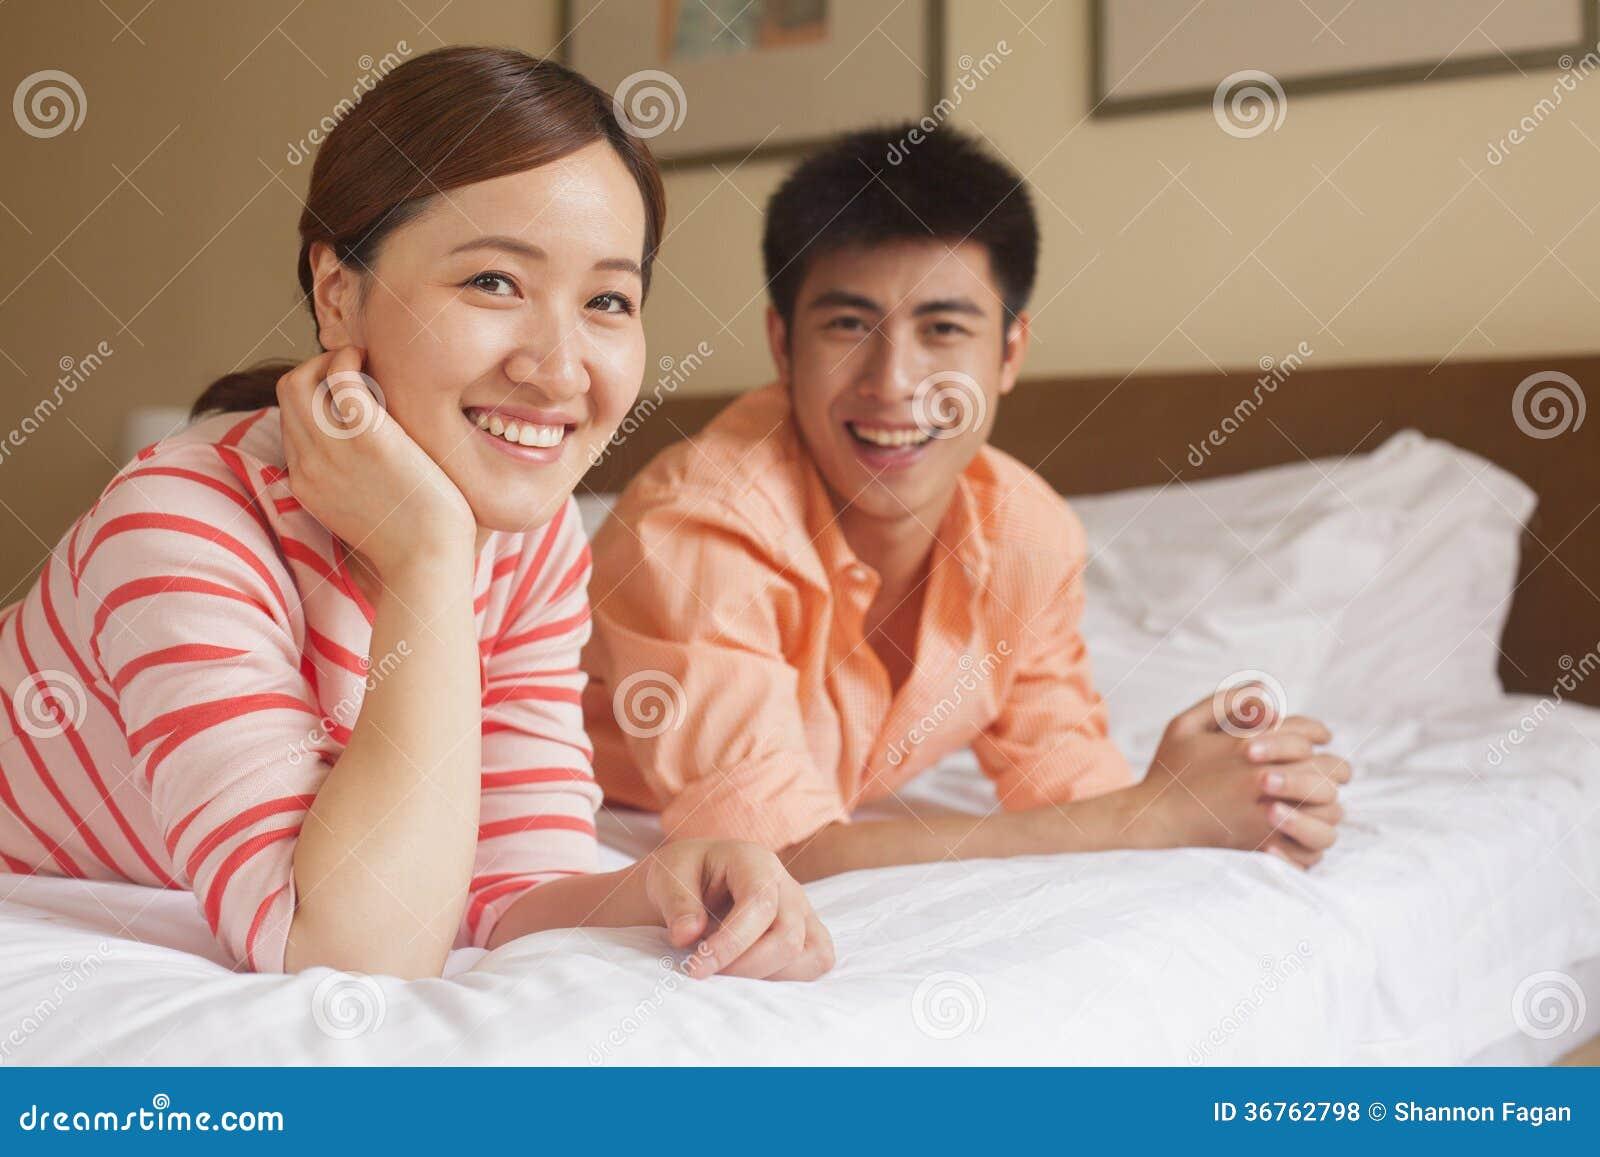 Молодая пара на кровати видео полезные